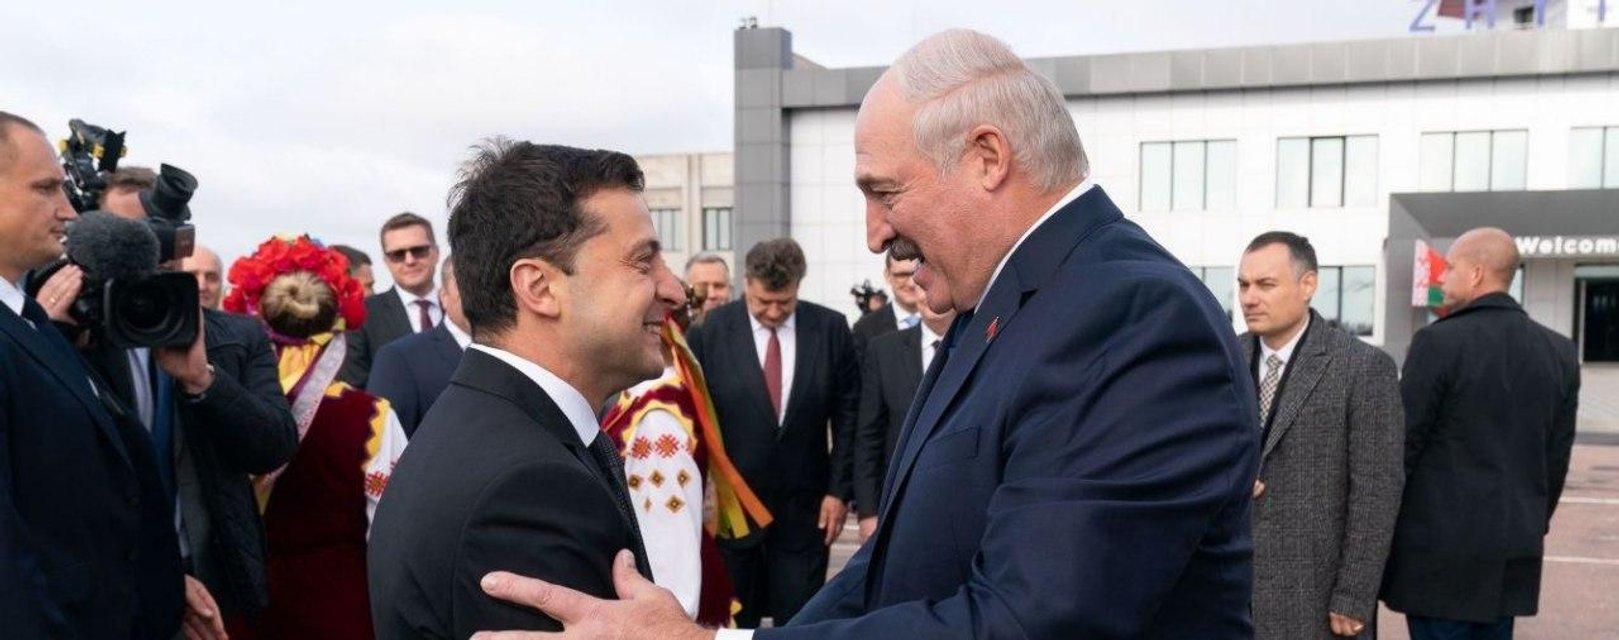 Зеленский призвал украинцев не ездить в Беларусь - фото 204001